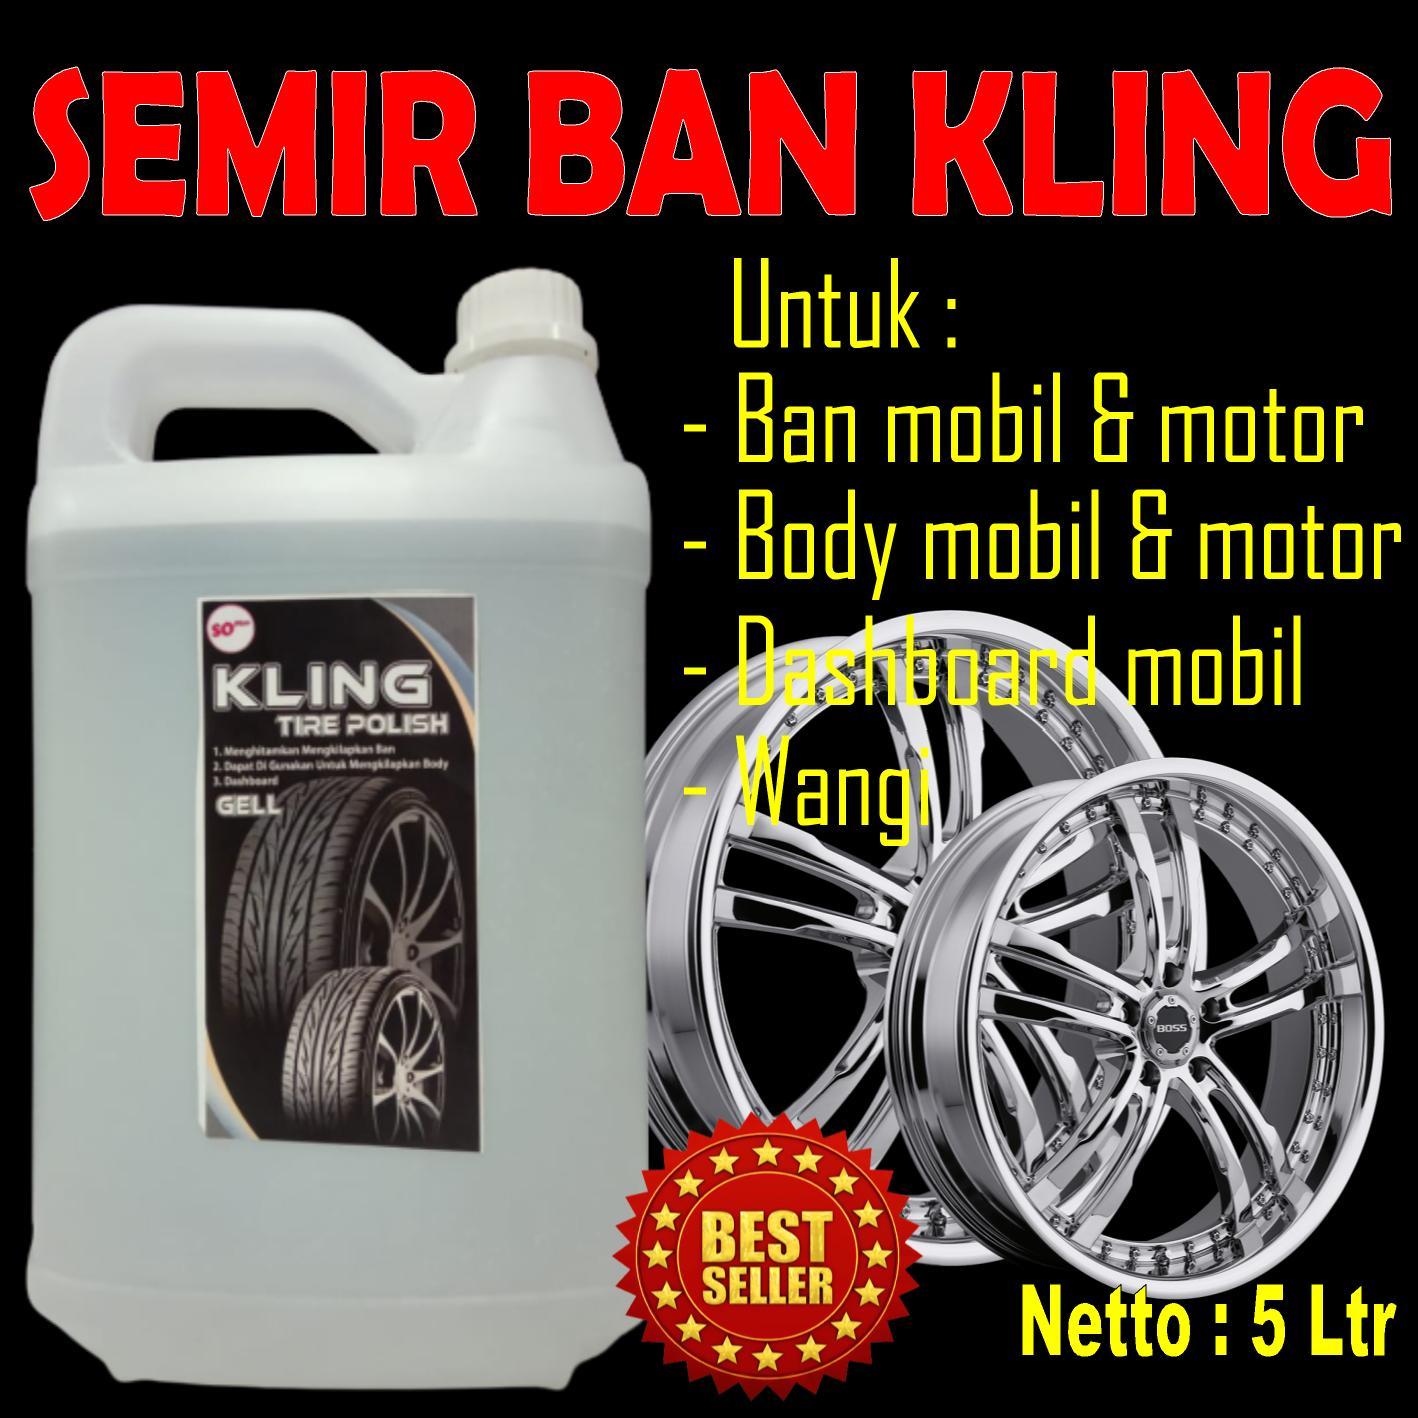 [cod] …!!! semir ban kling 5 liter